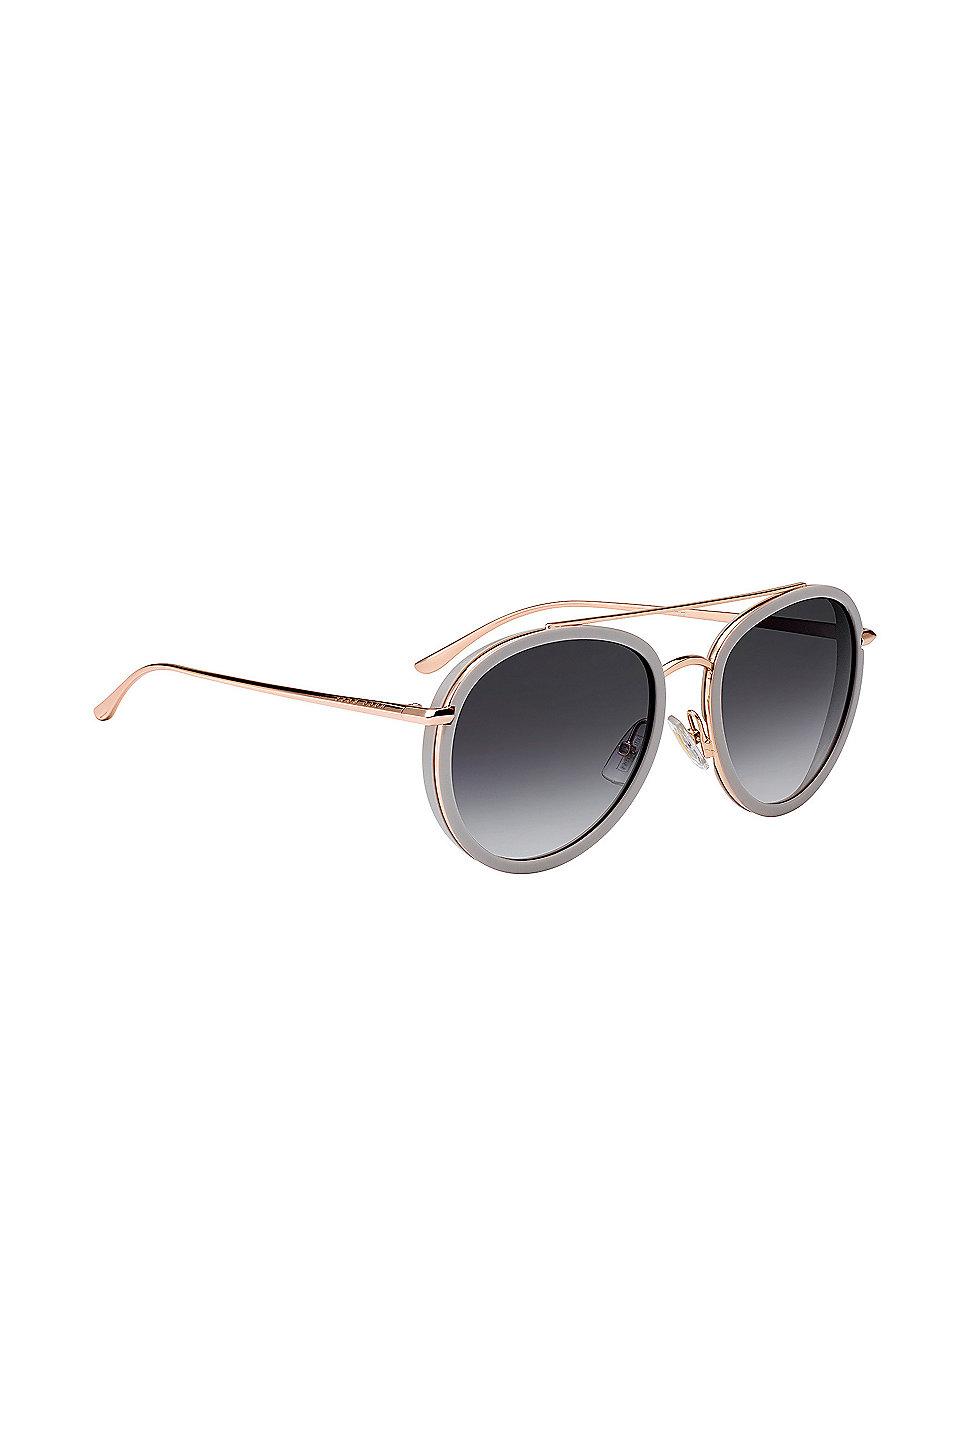 Sonnenbrille mit Doppelsteg und getönten Gläsern Gjj6cTlO